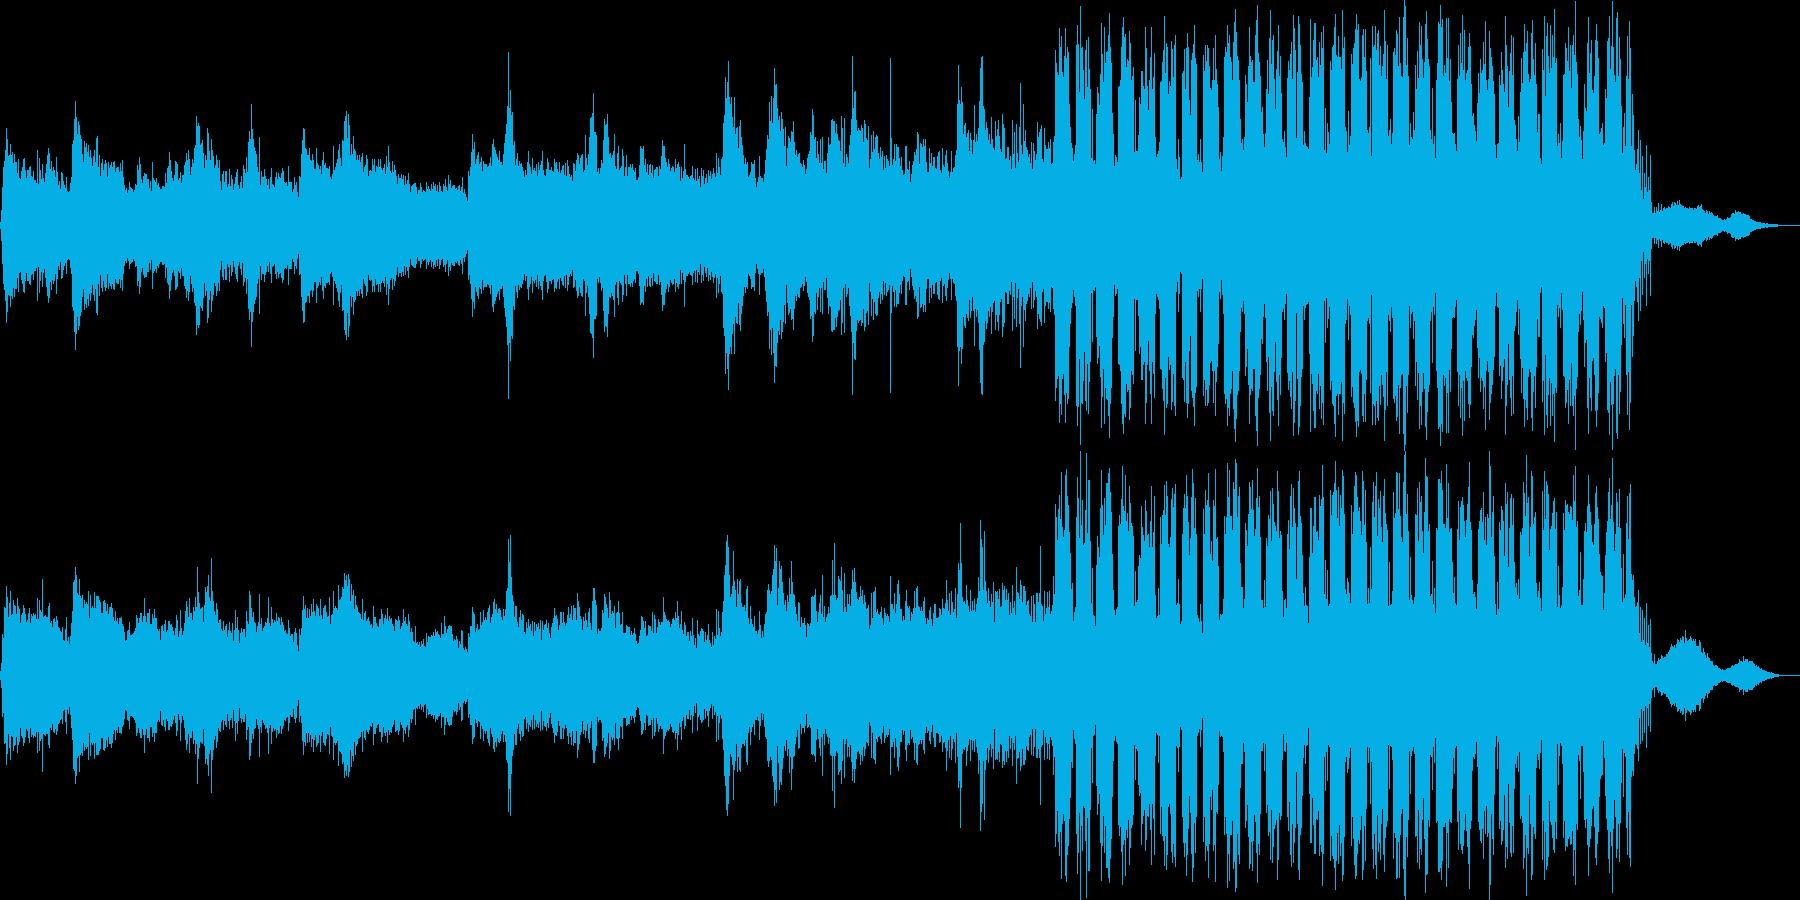 アクア 海 アート芸術 水族館の再生済みの波形